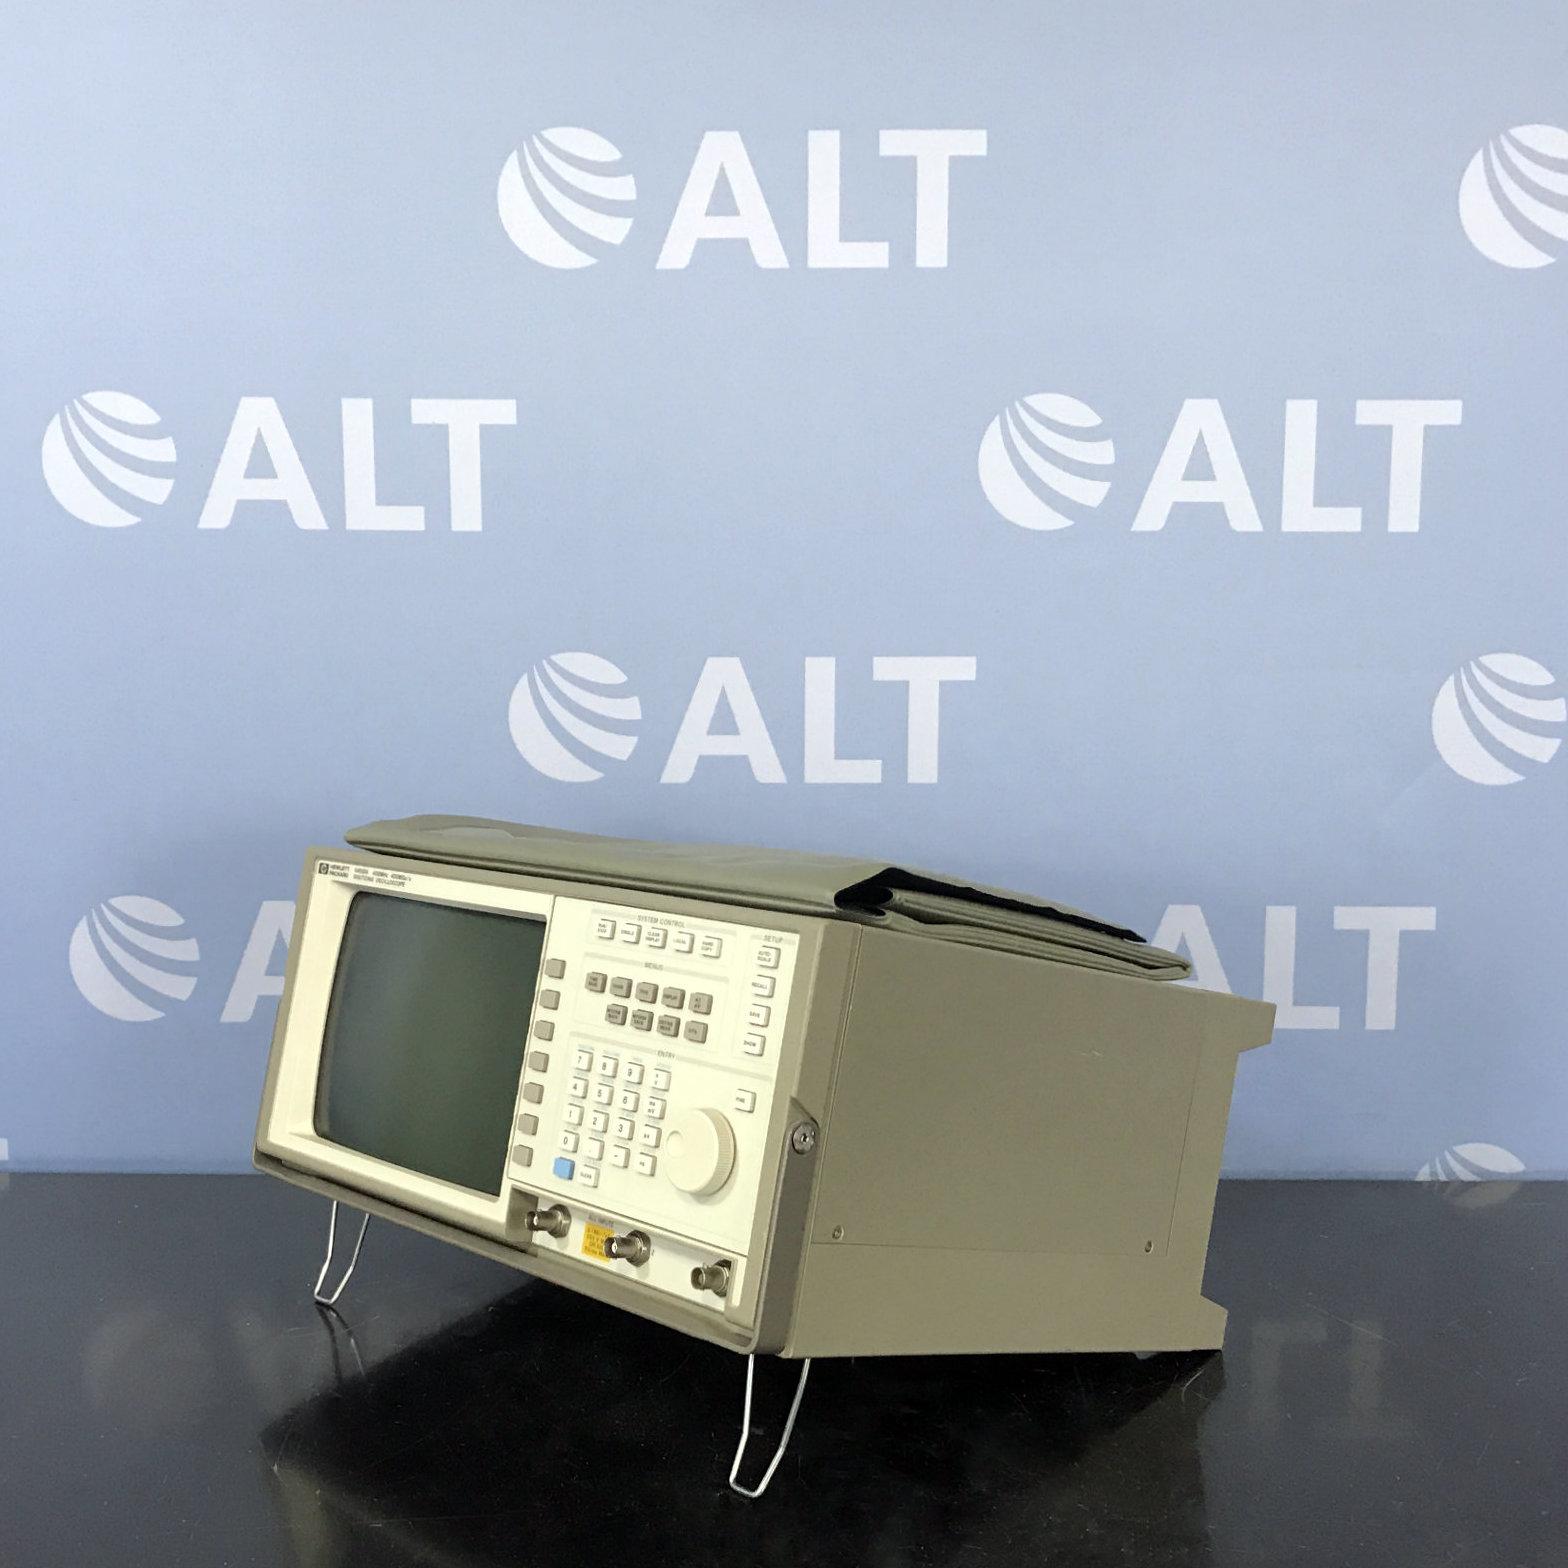 Hewlett Packard 54502A 400 MHZ DIGITIZING OSCILLOSCOPE Image